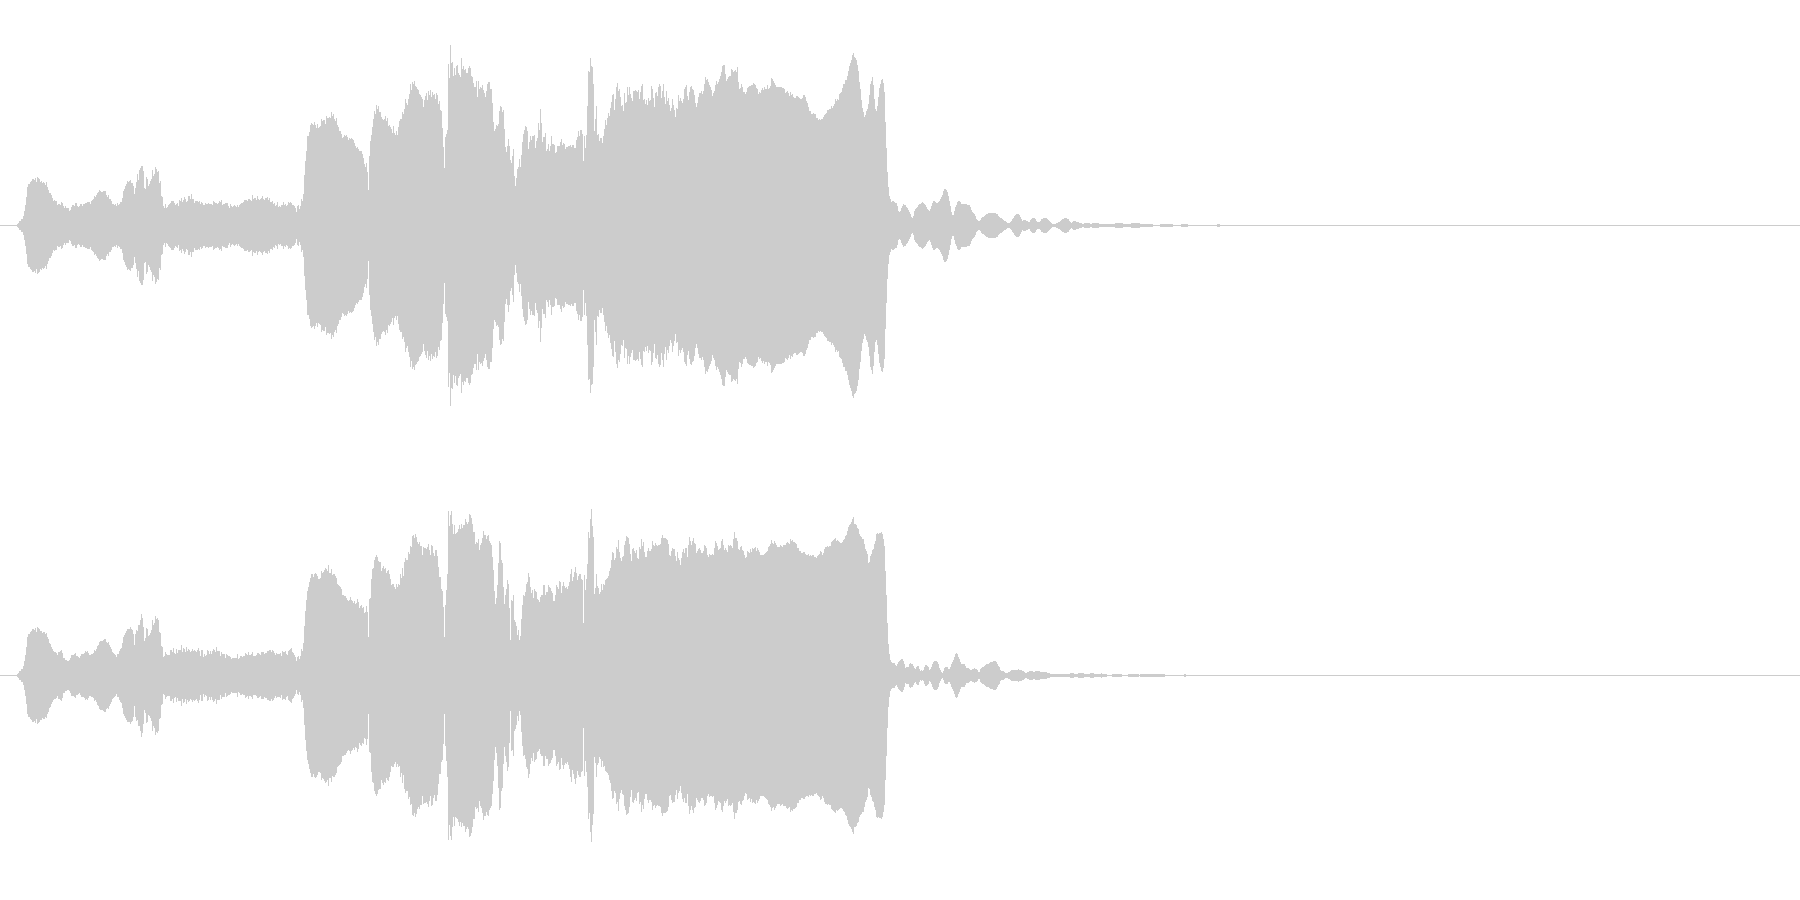 はじまり(遅め)◆篠笛生演奏の和風効果音の未再生の波形